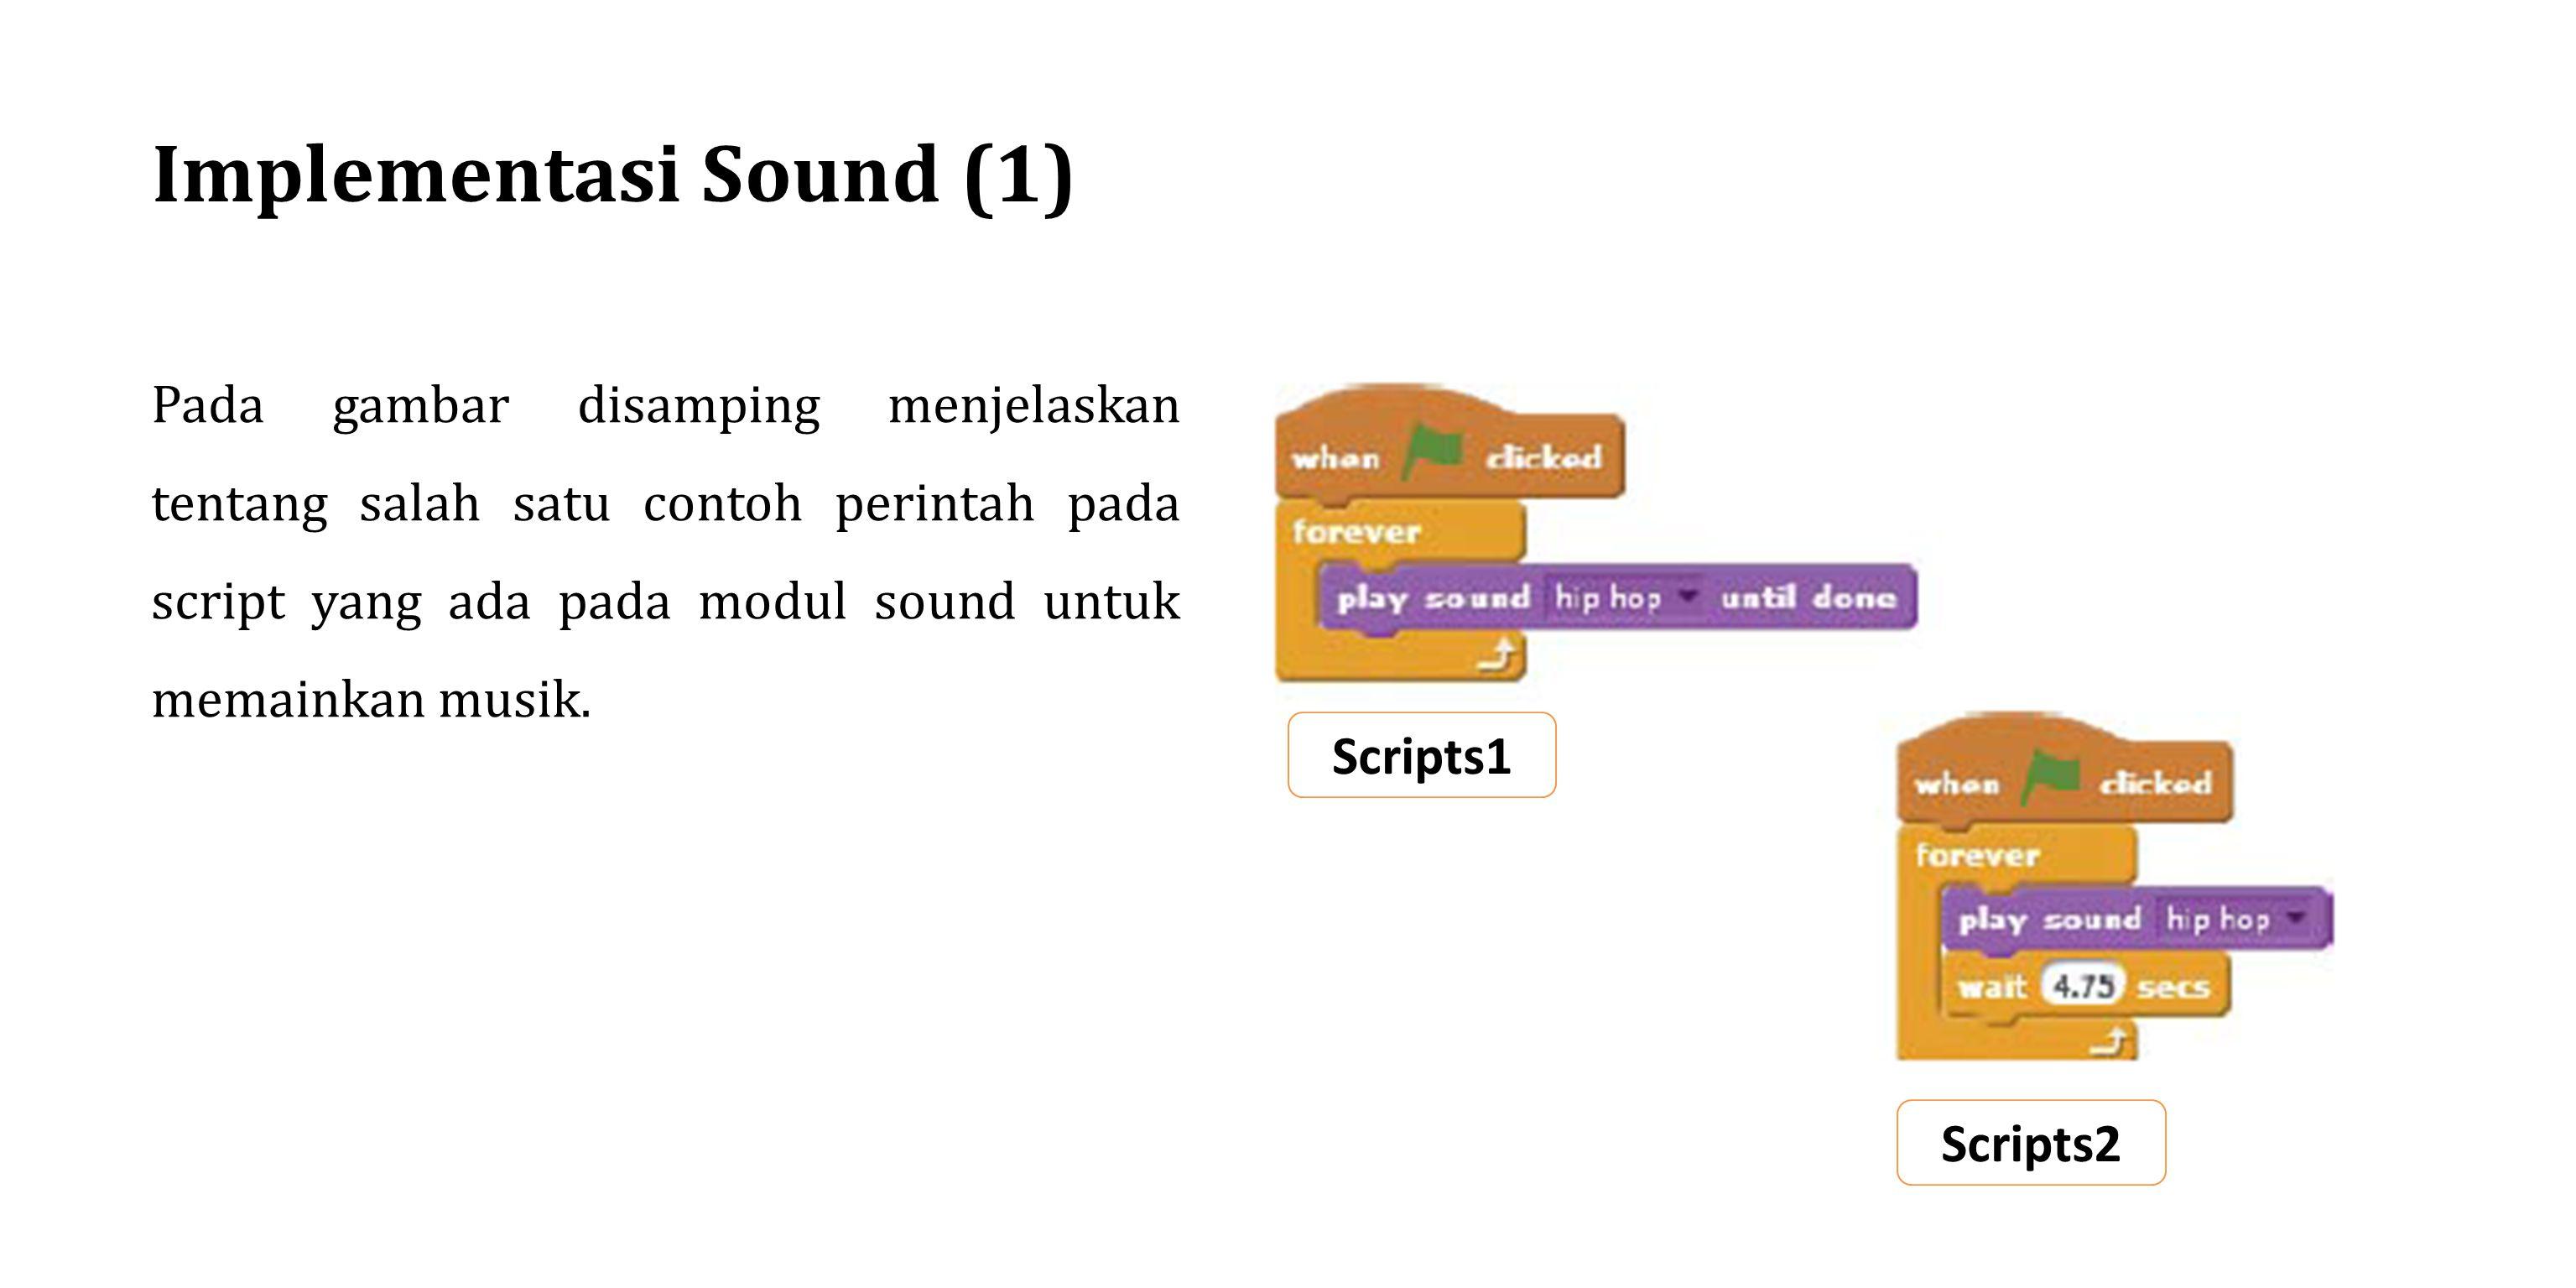 Implementasi Sound (1) Pada gambar disamping menjelaskan tentang salah satu contoh perintah pada script yang ada pada modul sound untuk memainkan musi